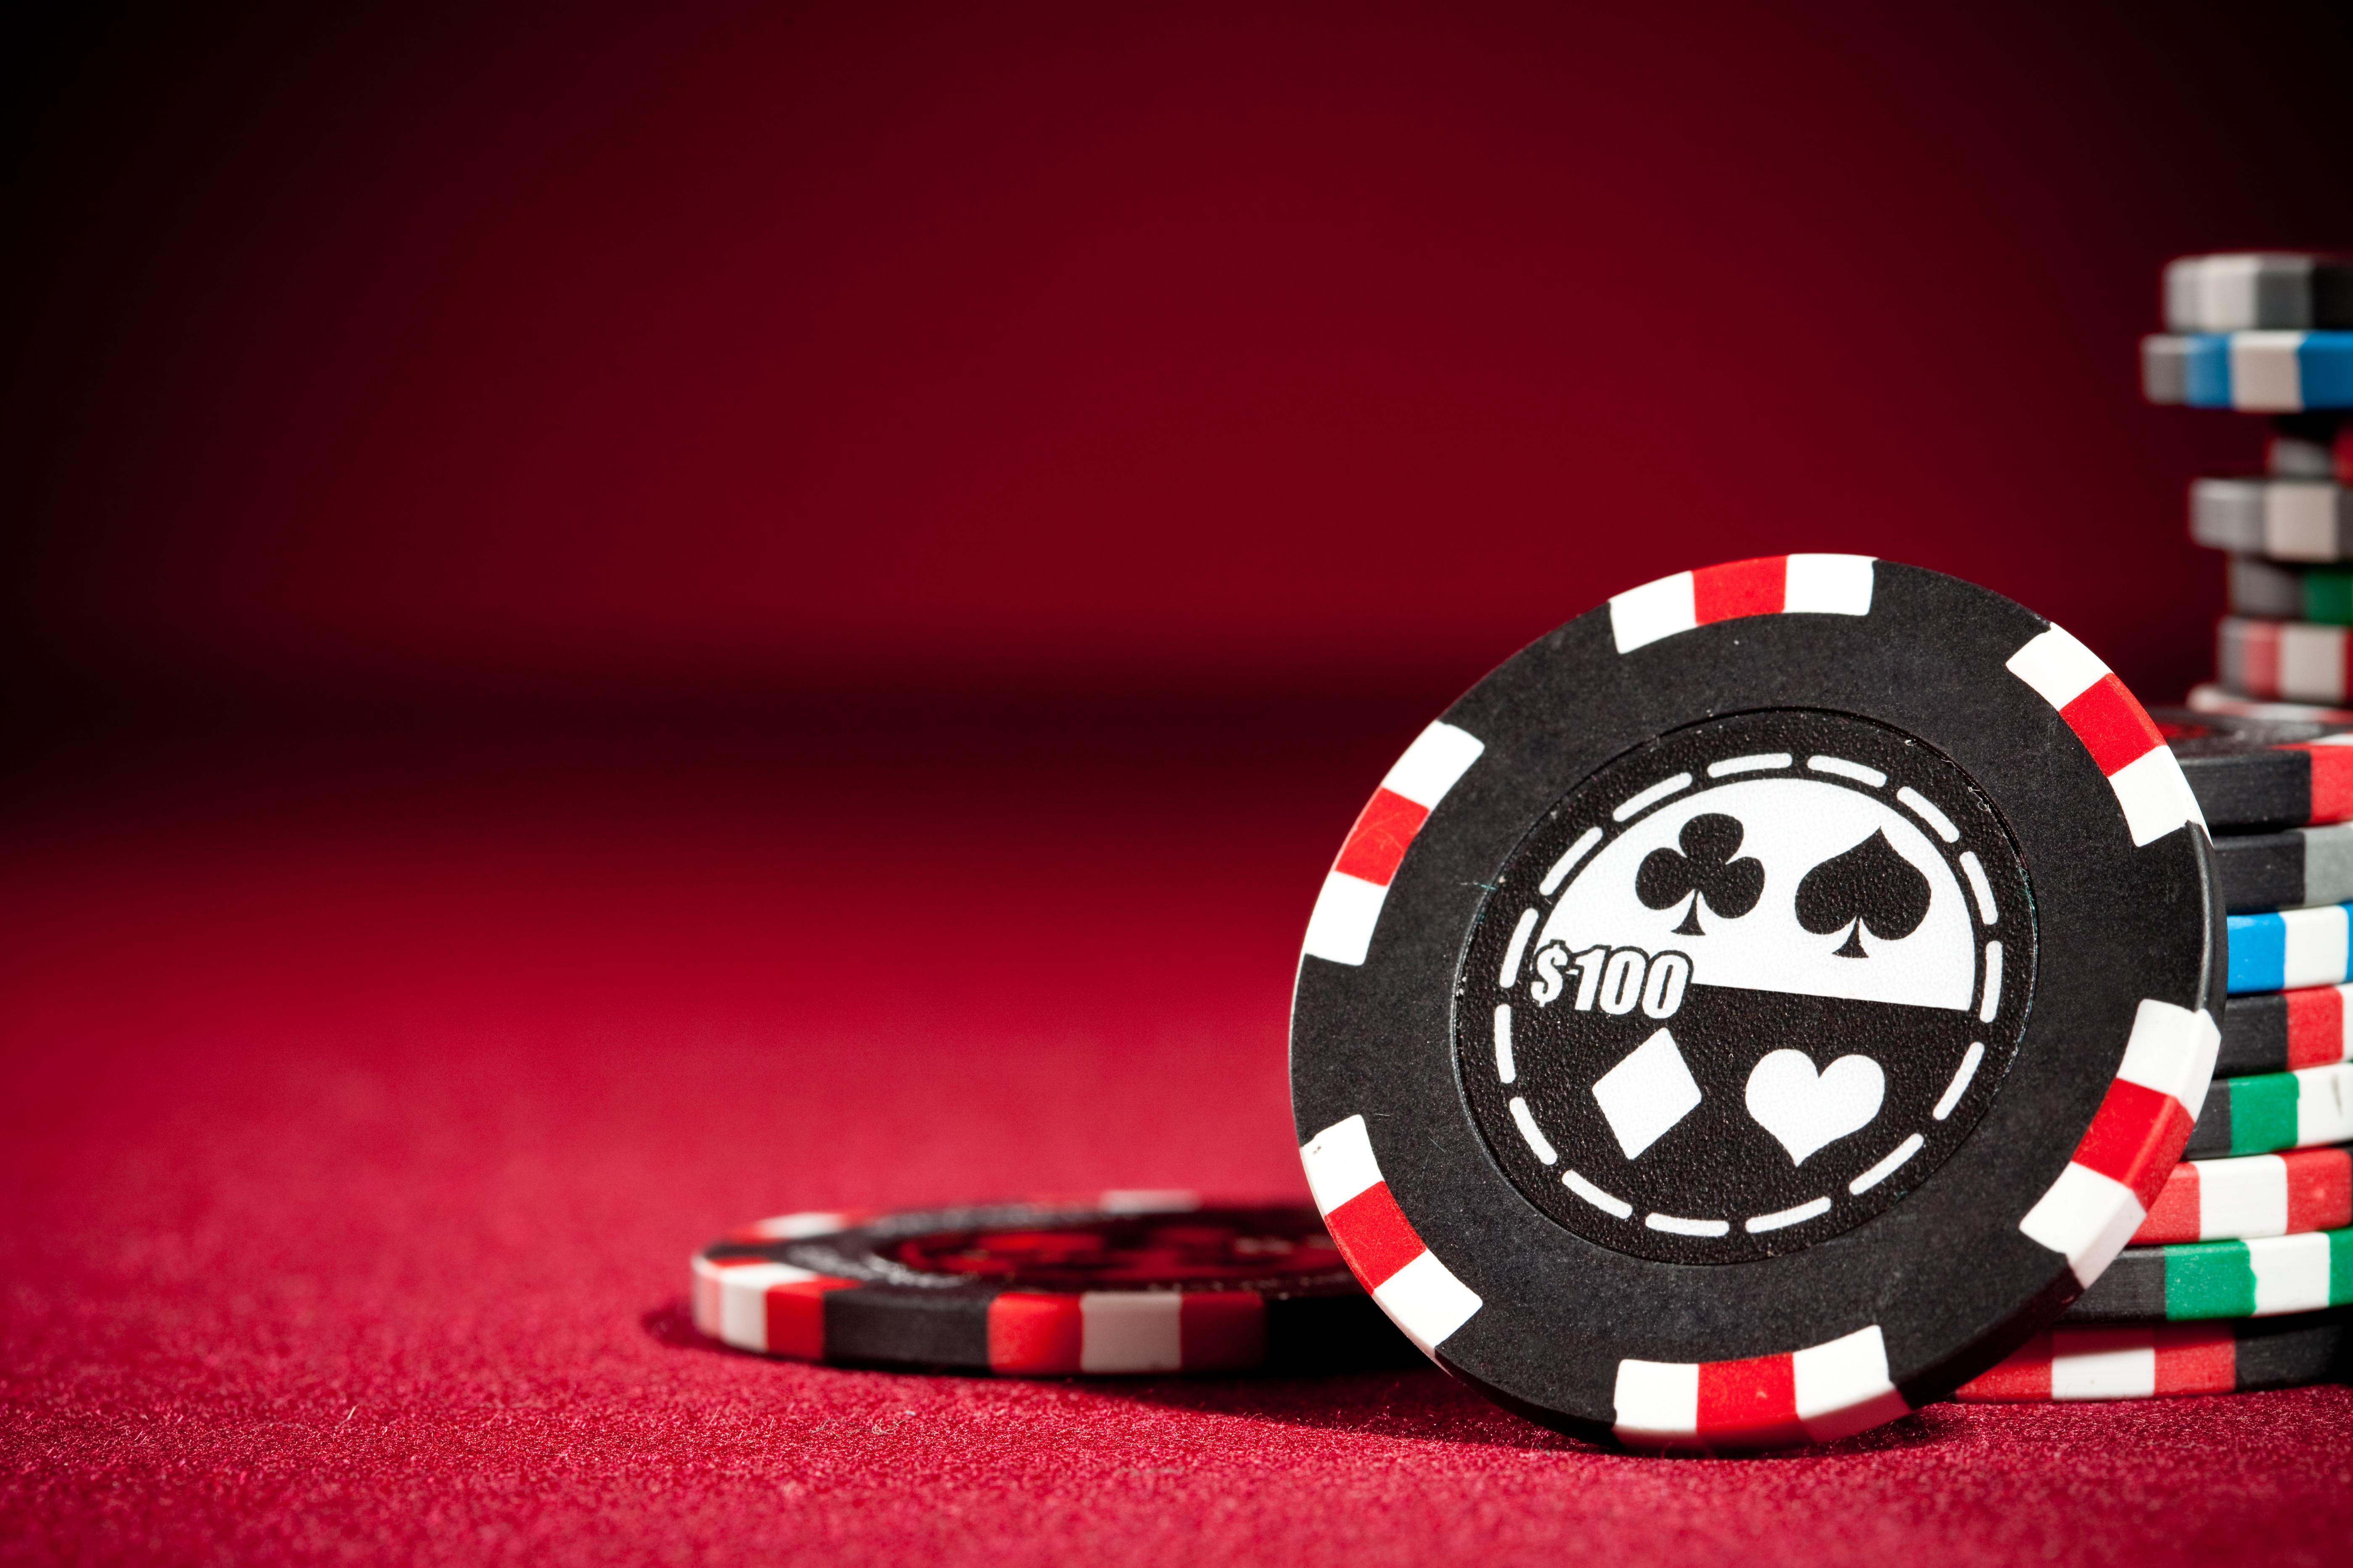 Платья казино в розницу официальный сайт